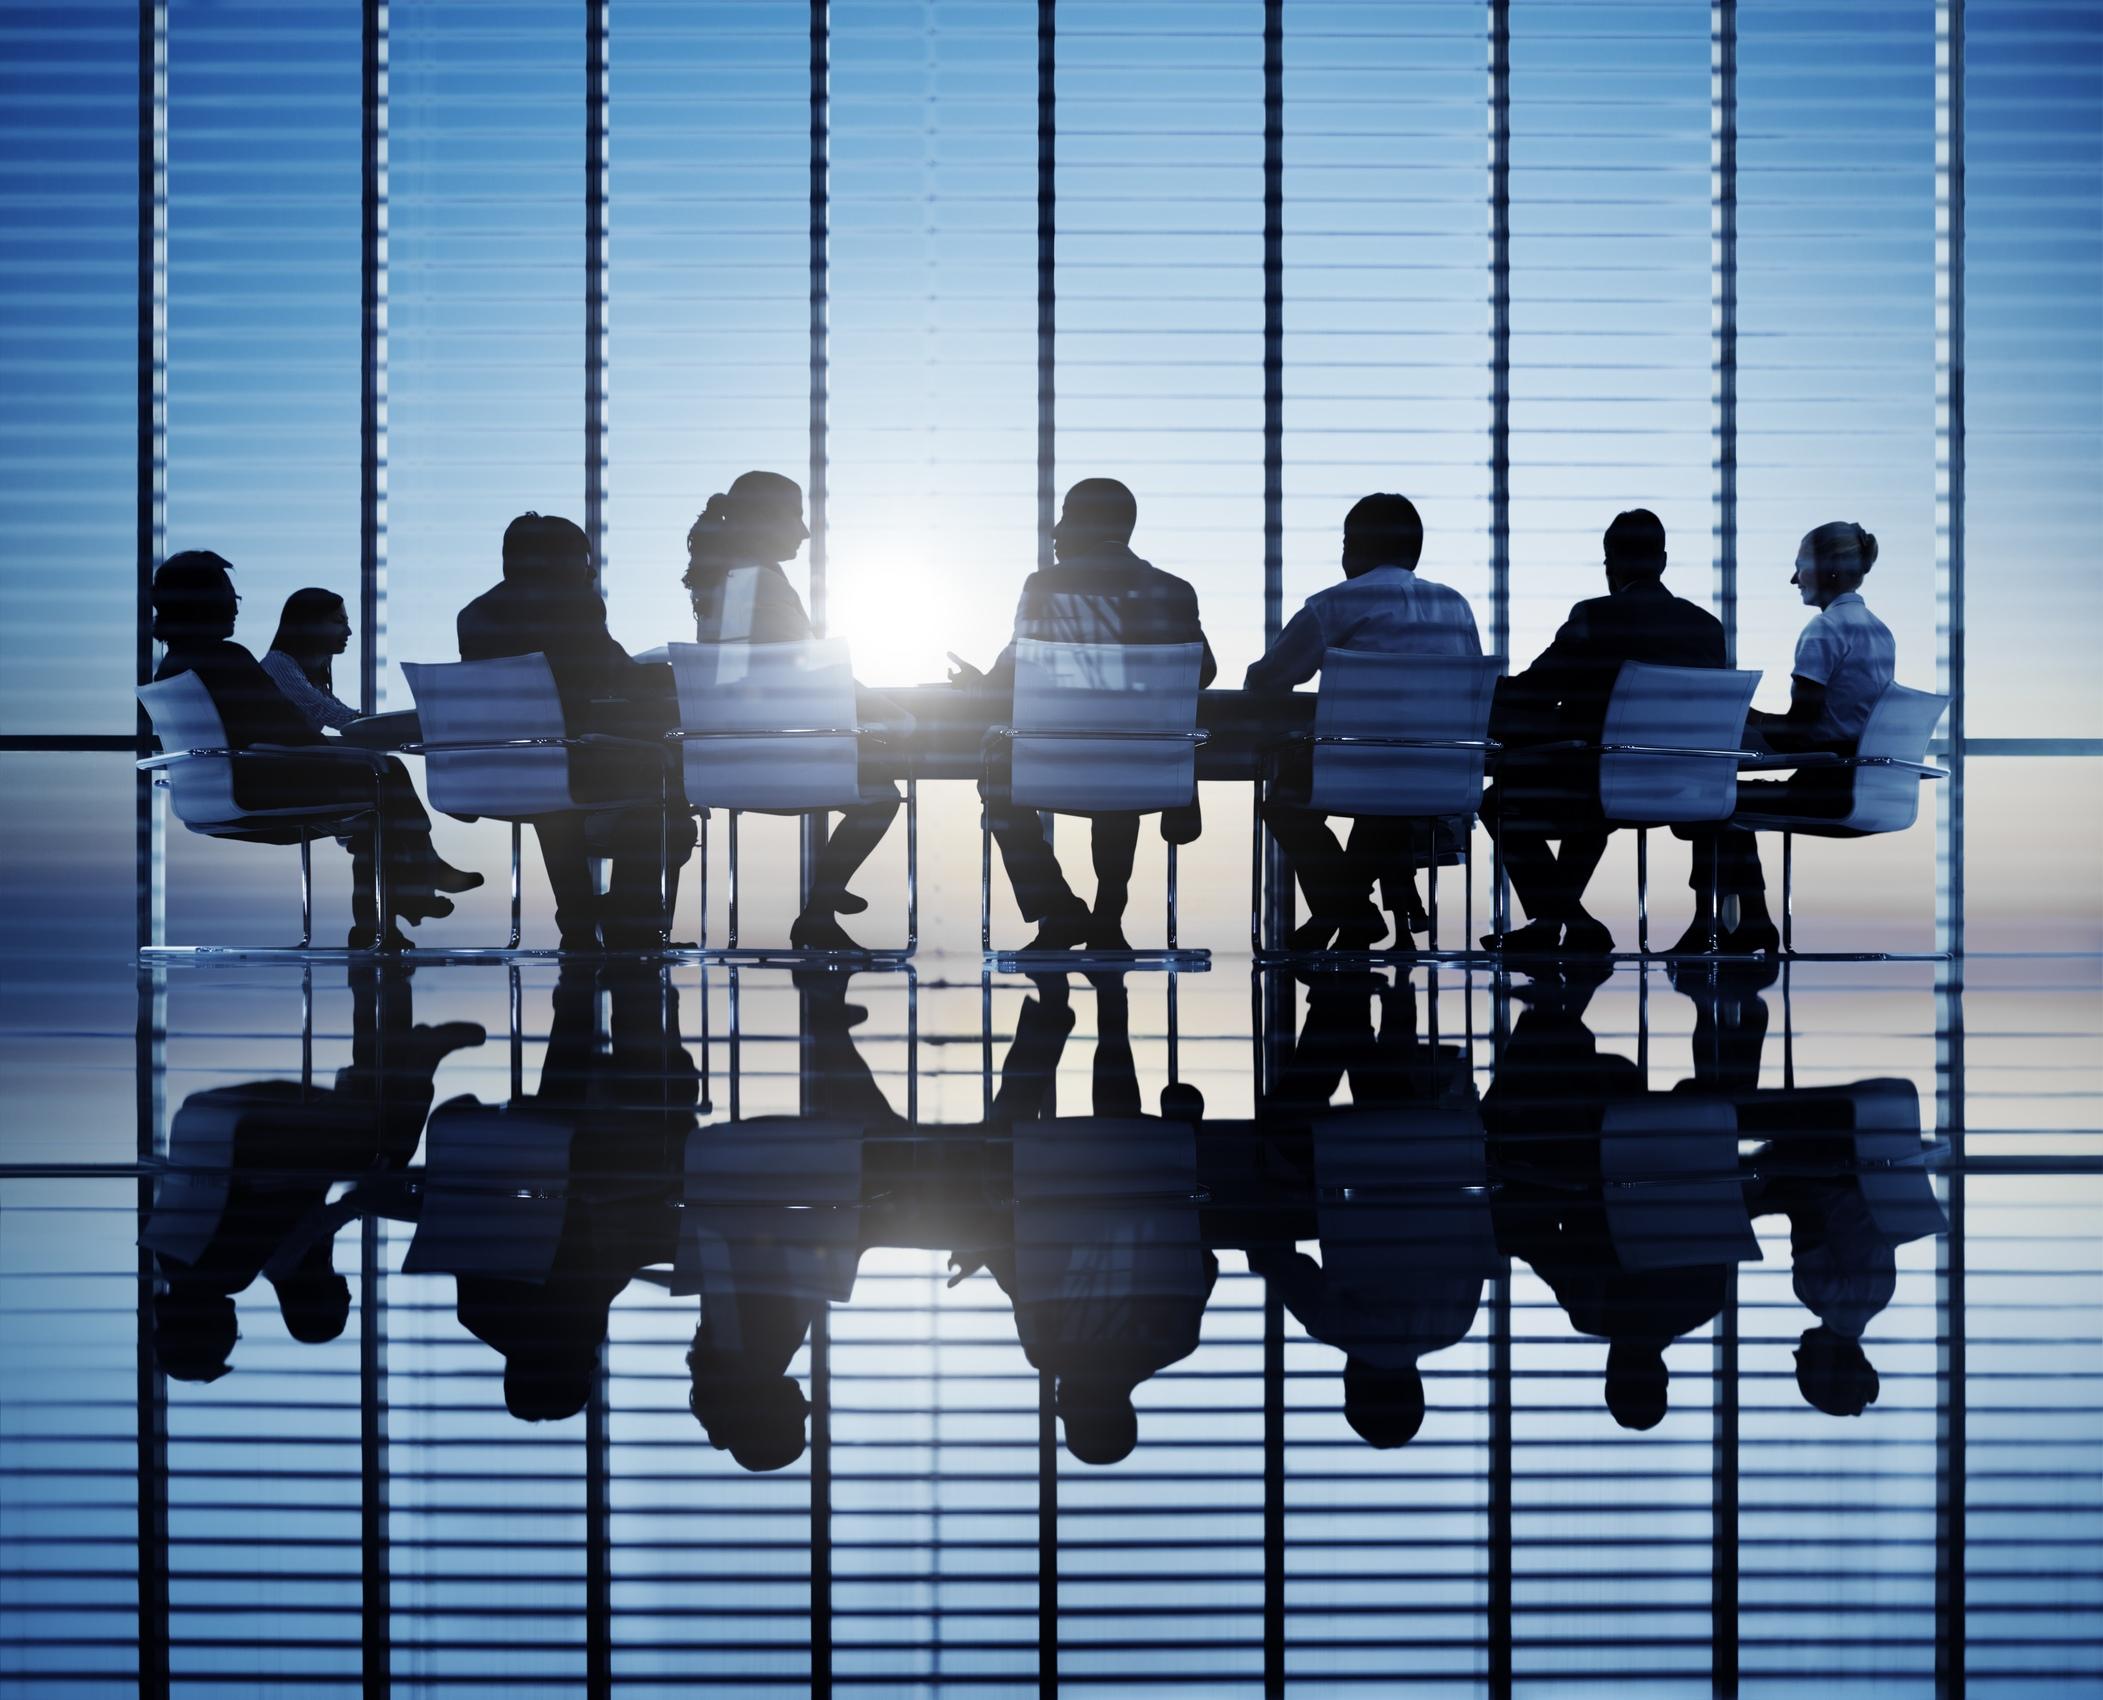 קורסים. הדרכות, וסדנאות אפקטיביות ועדכניות למנהלים ב - 2020